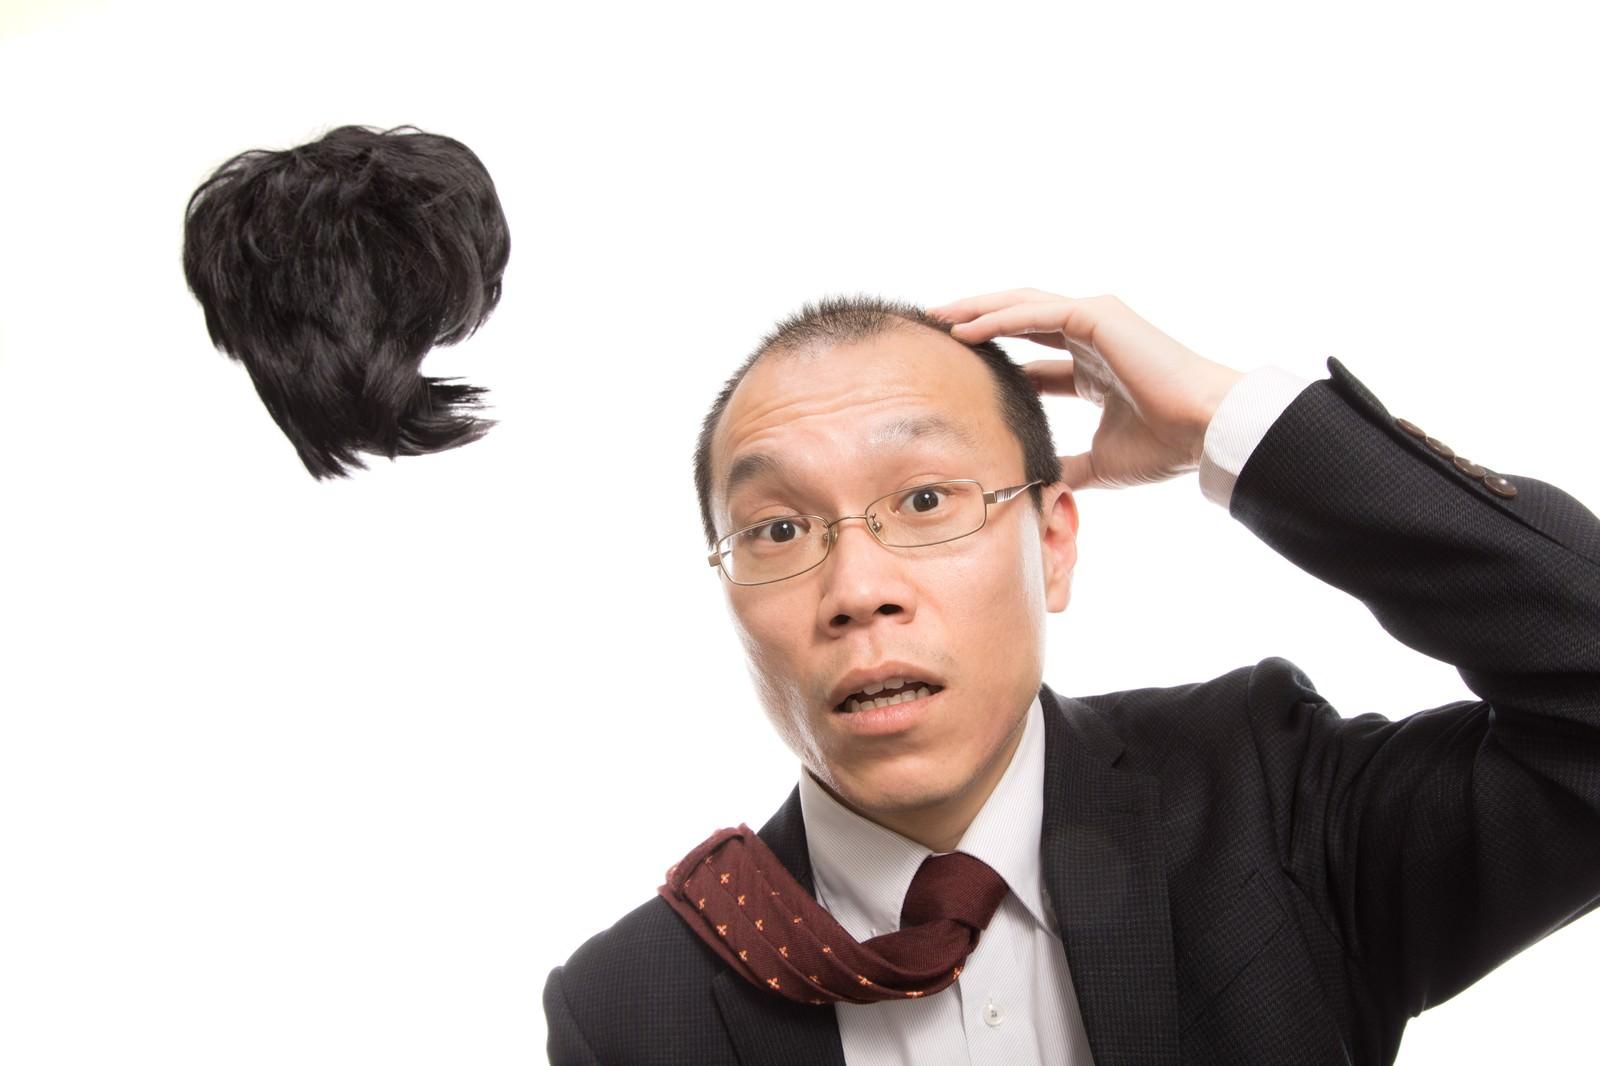 「強風でカツラが飛ばされ唖然とする男性会社員」の写真[モデル:サンライズ鈴木]